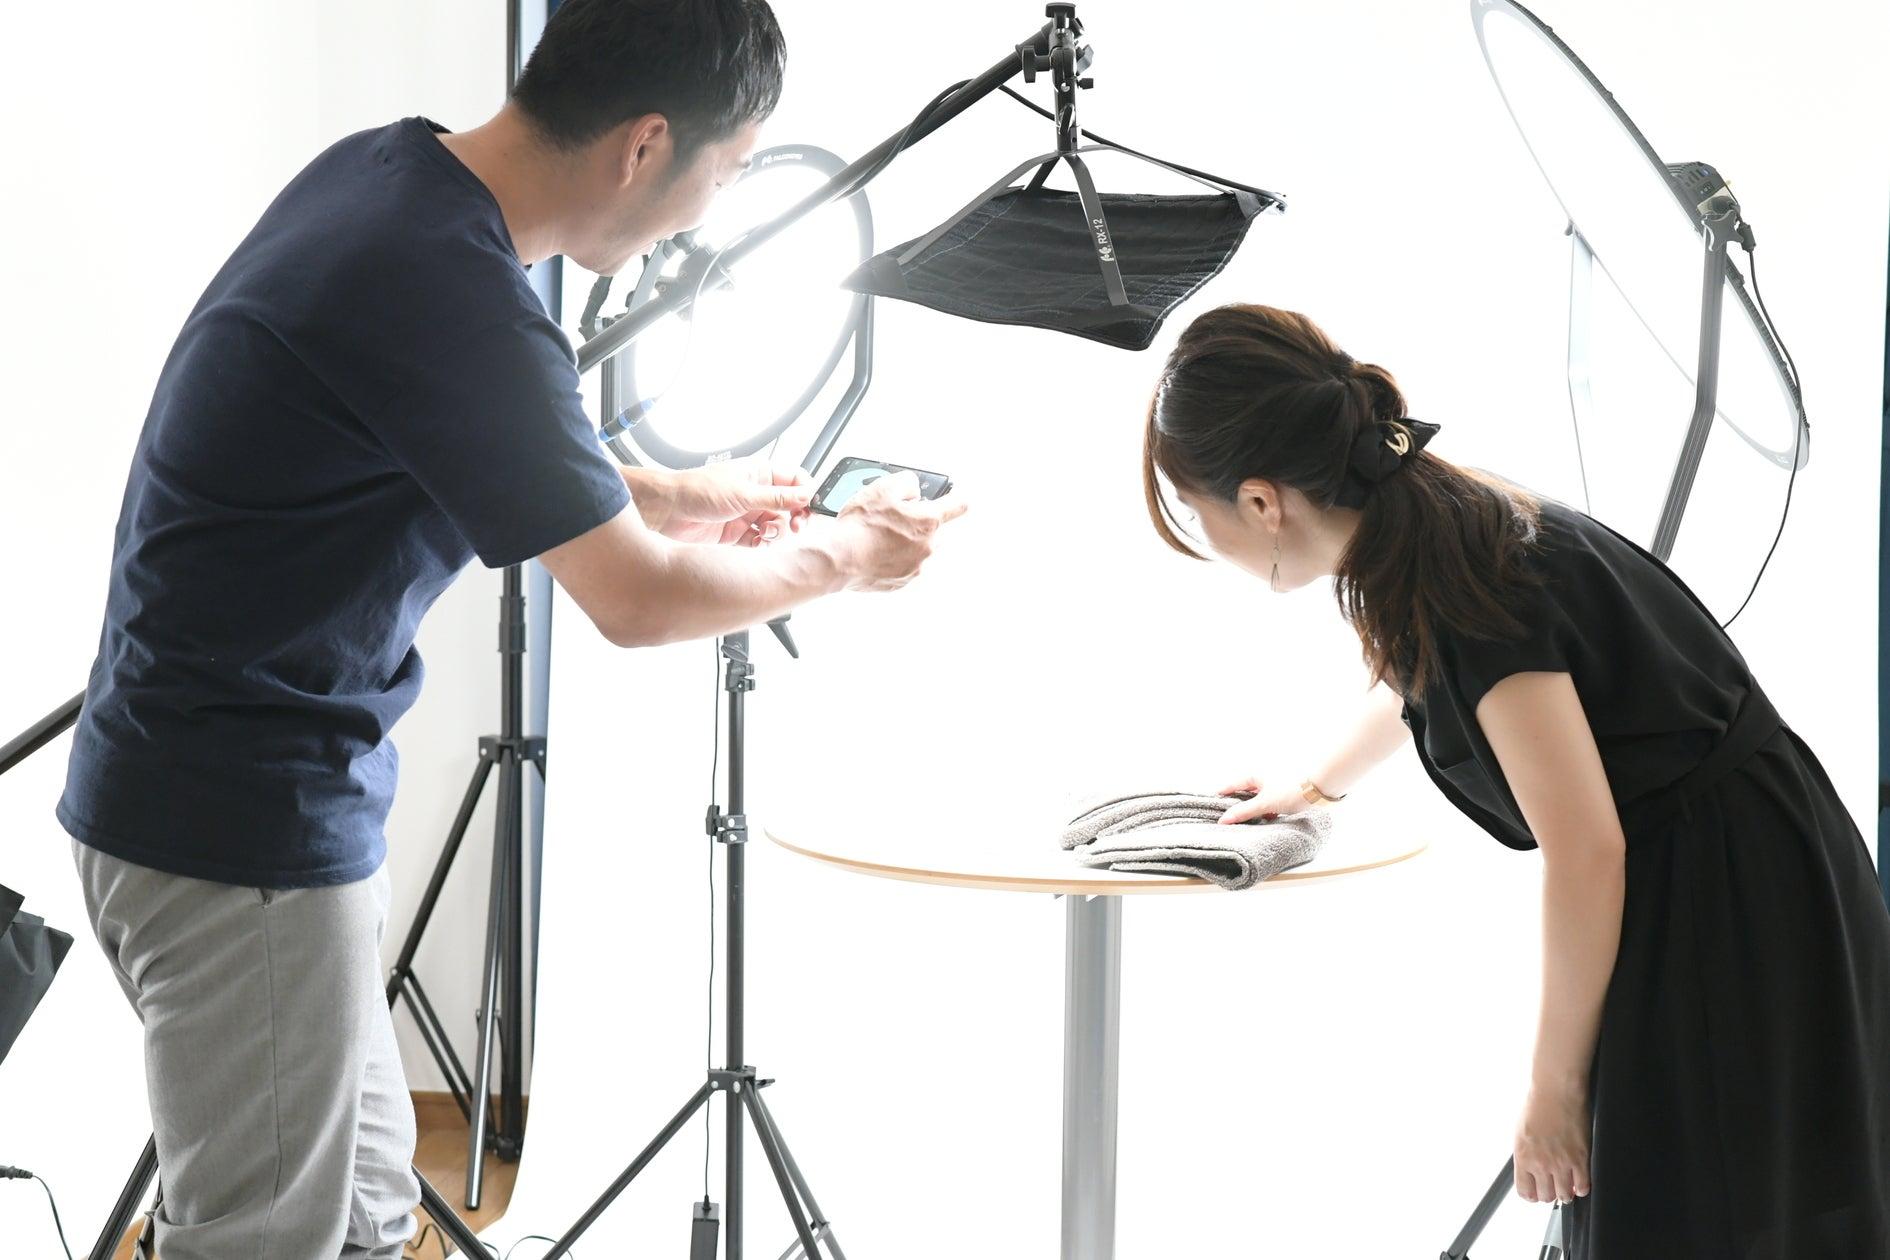 代官山の小さな可愛いスタジオです。 ✳︎代官山駅から徒歩3分です。自由に楽しく撮影してください。 の写真